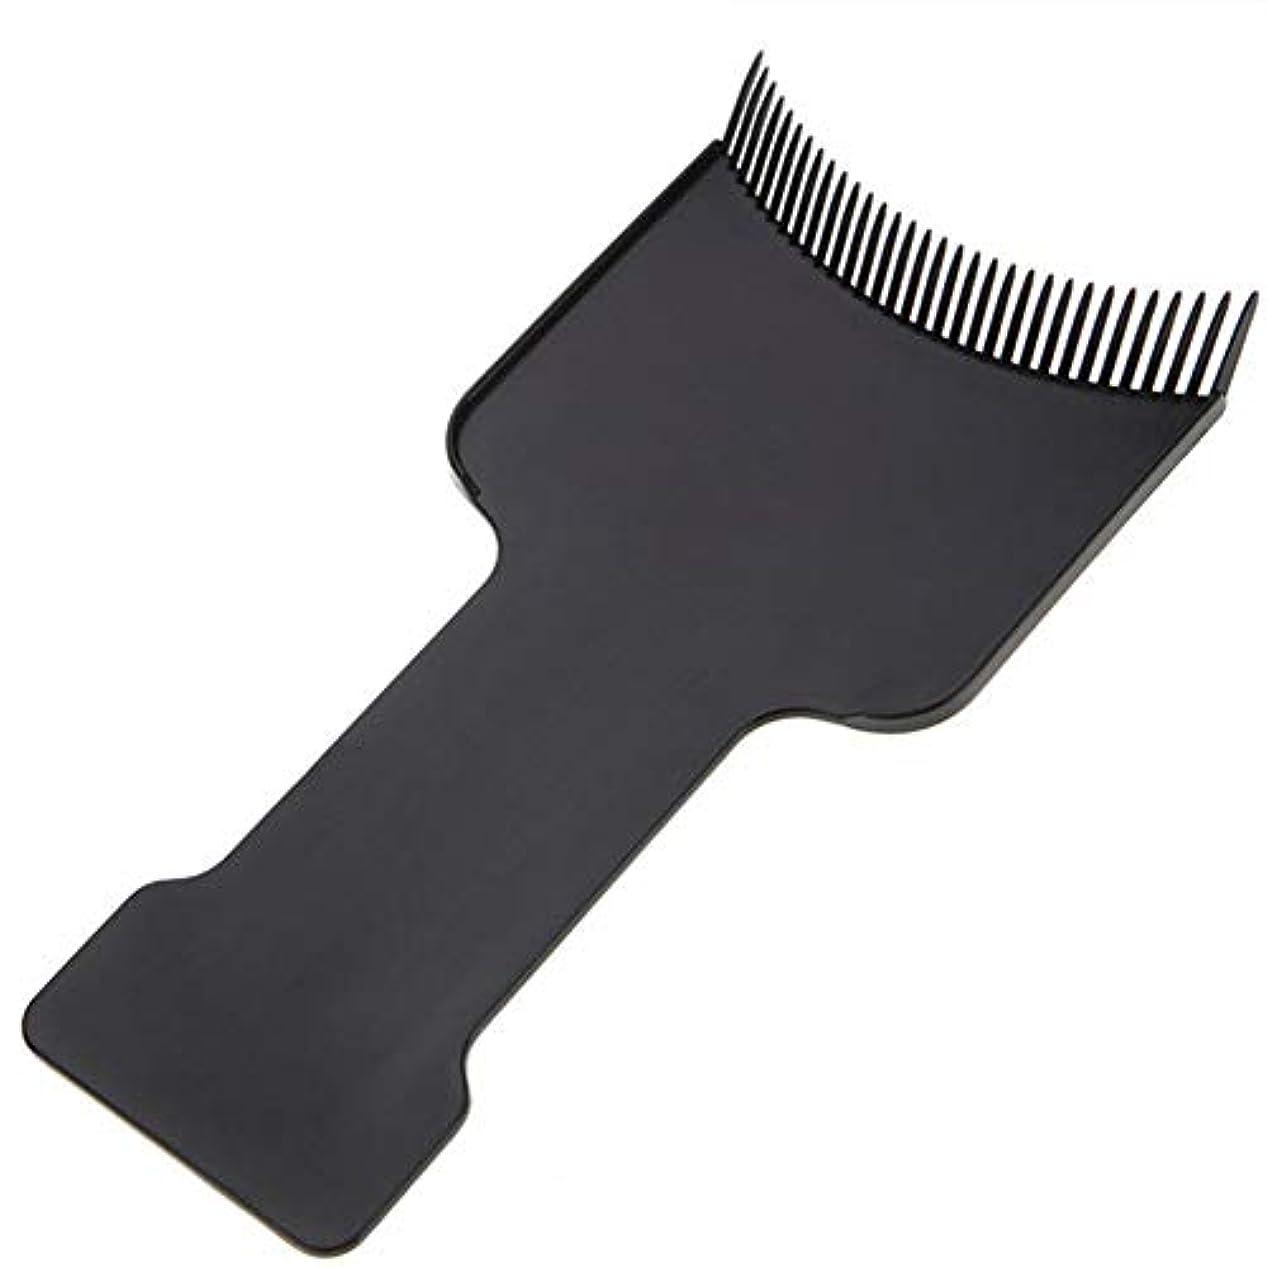 存在する意味するタオルGraprx ハイライトボード - ヘアカラー用 黒染め 縮毛矯正 ヘアカラー ヘアスタイリング コーム ヘアダイコーム プレート 美髪師用 プラスチック製 無害無毒 ヘアカラーブラシ